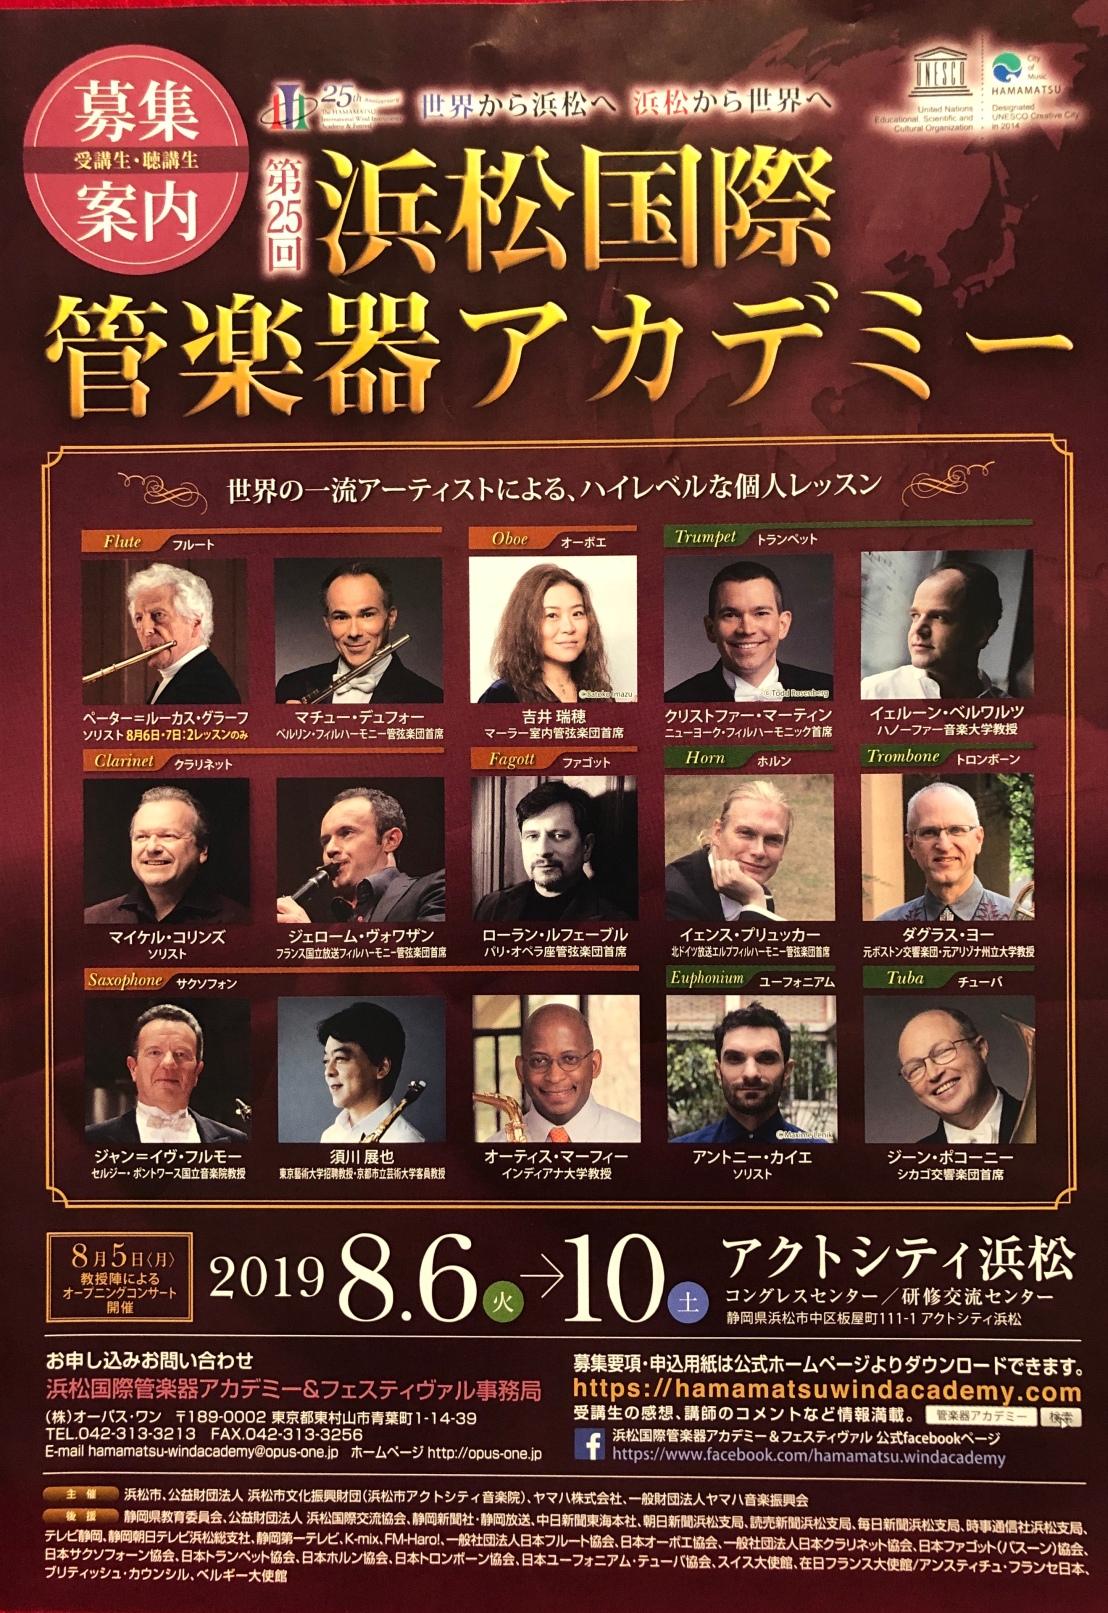 Hamamatsu_Academy_brochure_2019